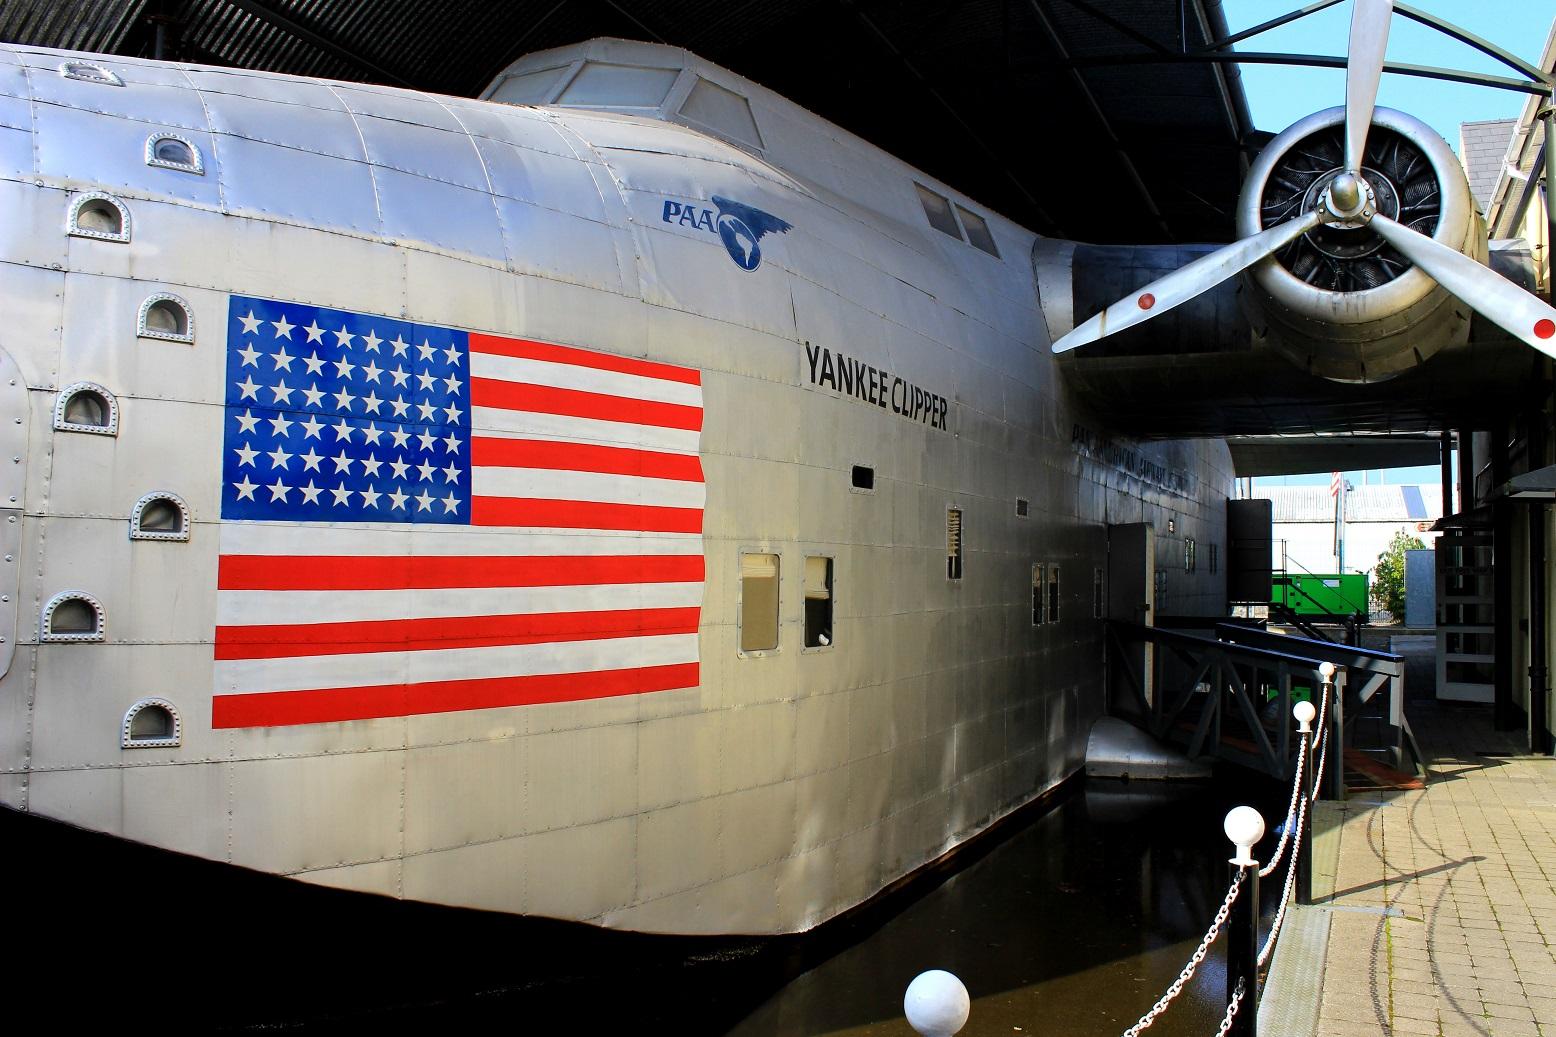 Foynes, Flugbootmuseum, Boeing 314, Yankee Clipper